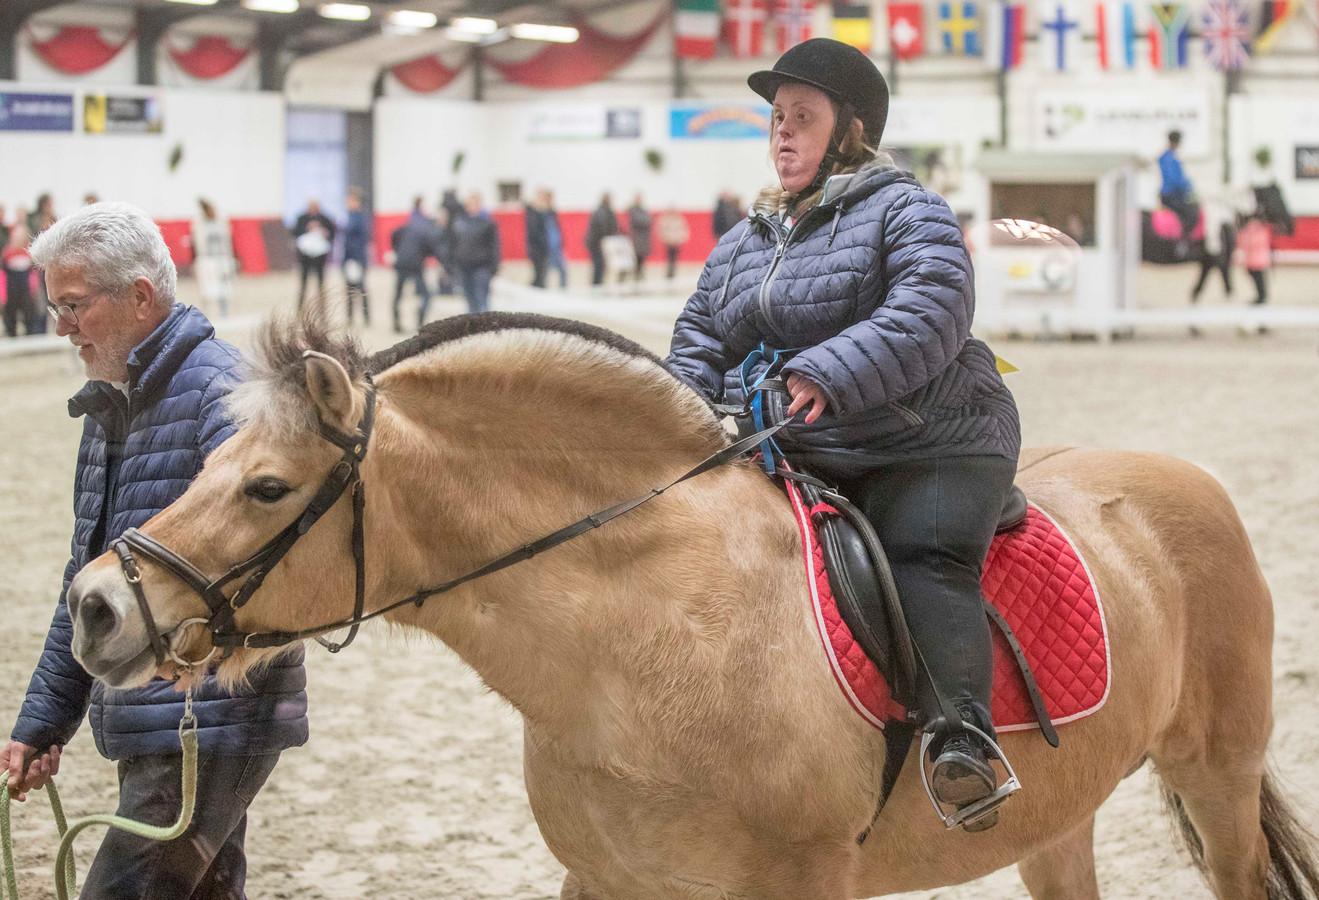 Jolande Oosterling uit West-Souburg doet haar best tijdens de proef met paard Ymea en vrijwilliger Jan. Het levert Jolande een tweede plaats op tijdens de 25e Promotiedag Paardensport Gehandicapten in Nieuw- en Sint Joosland.